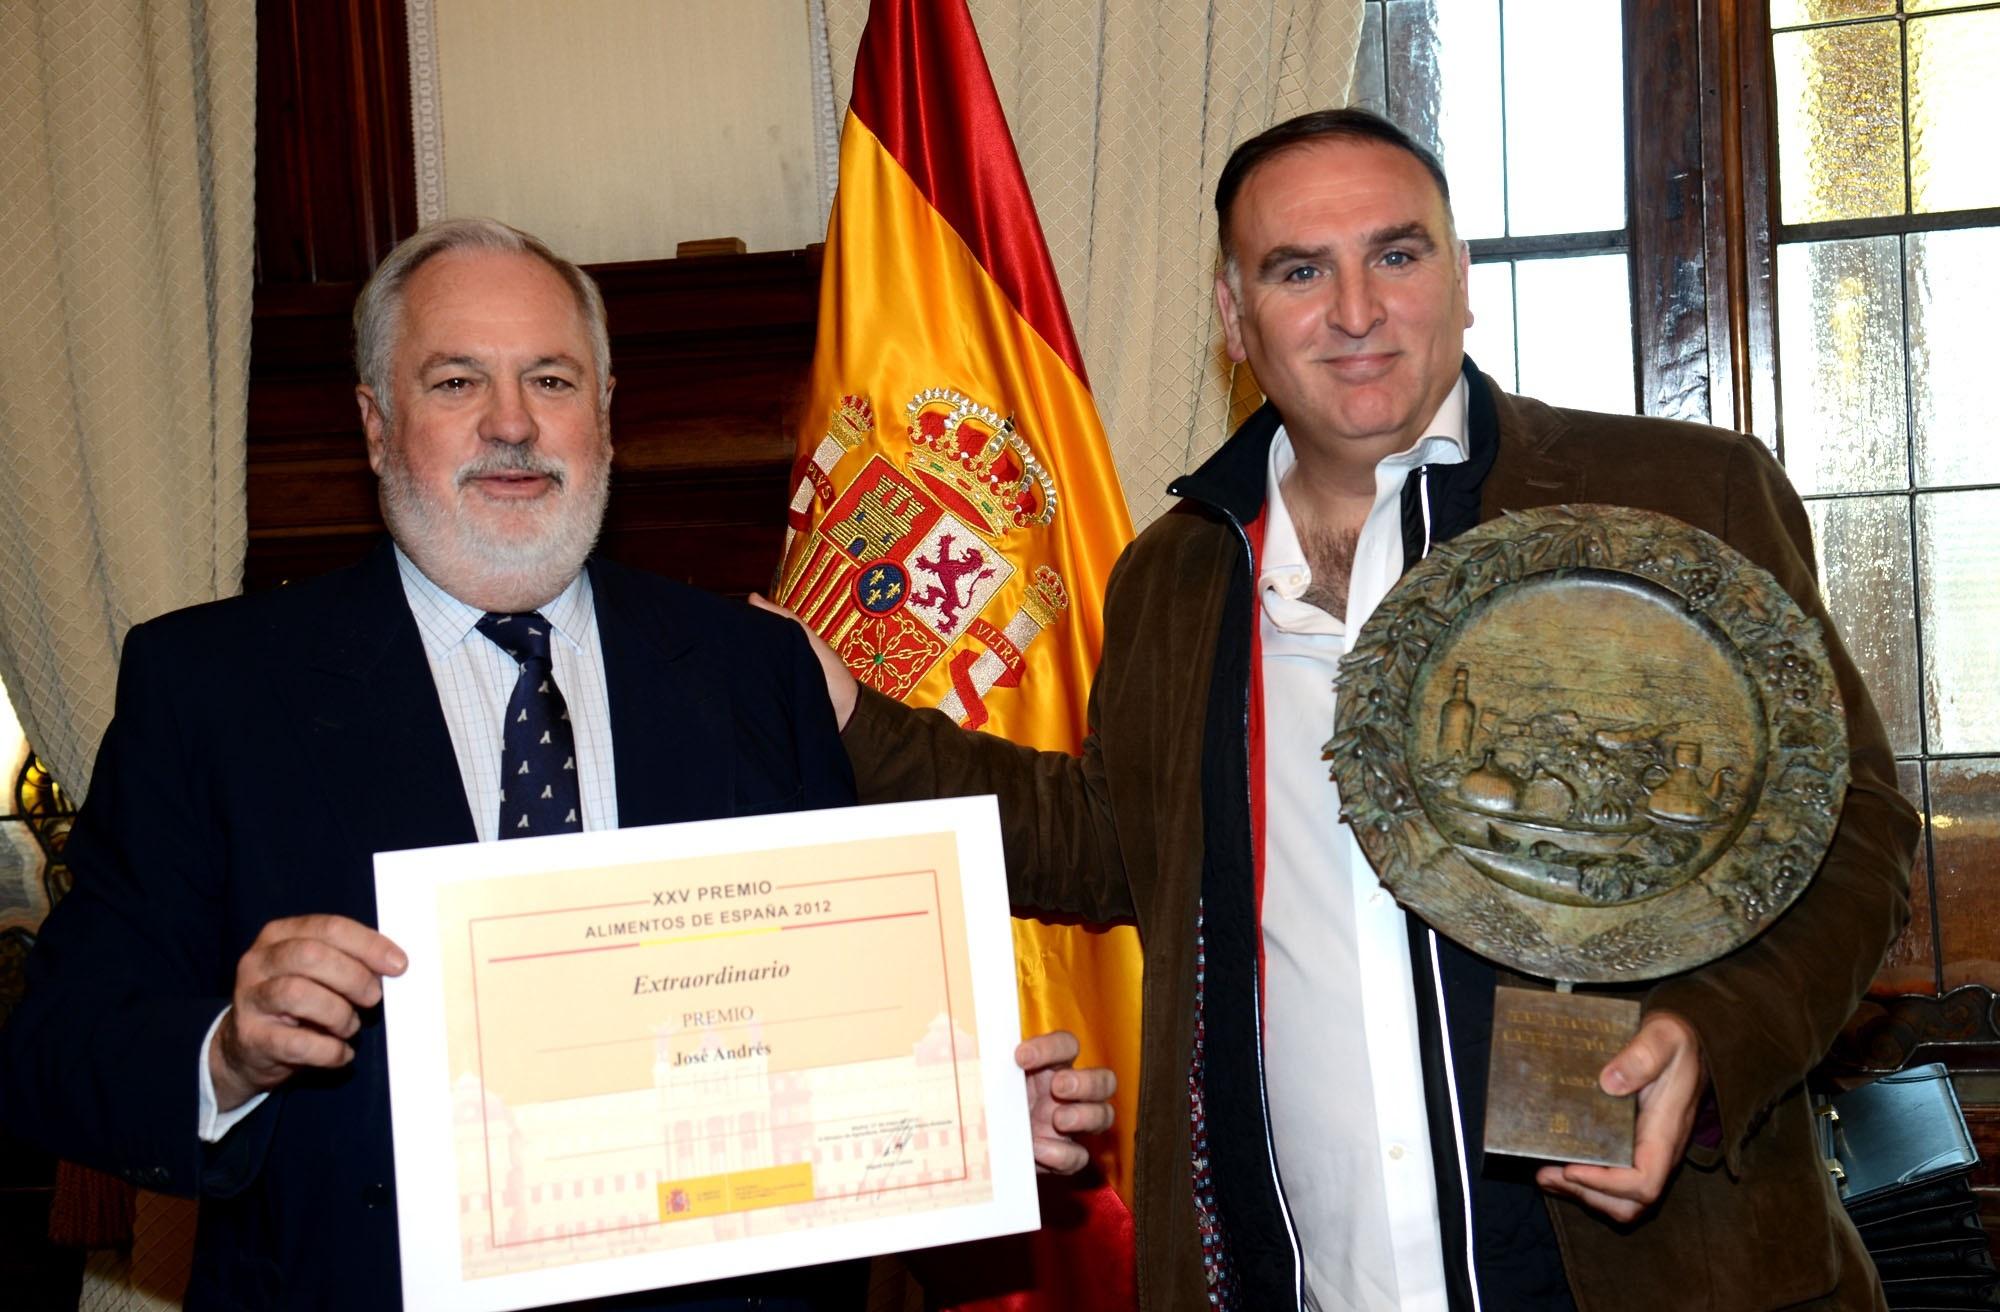 Arias Cañete entrega al chef José Andrés el Premio Extraordinario Alimentos de España 2012